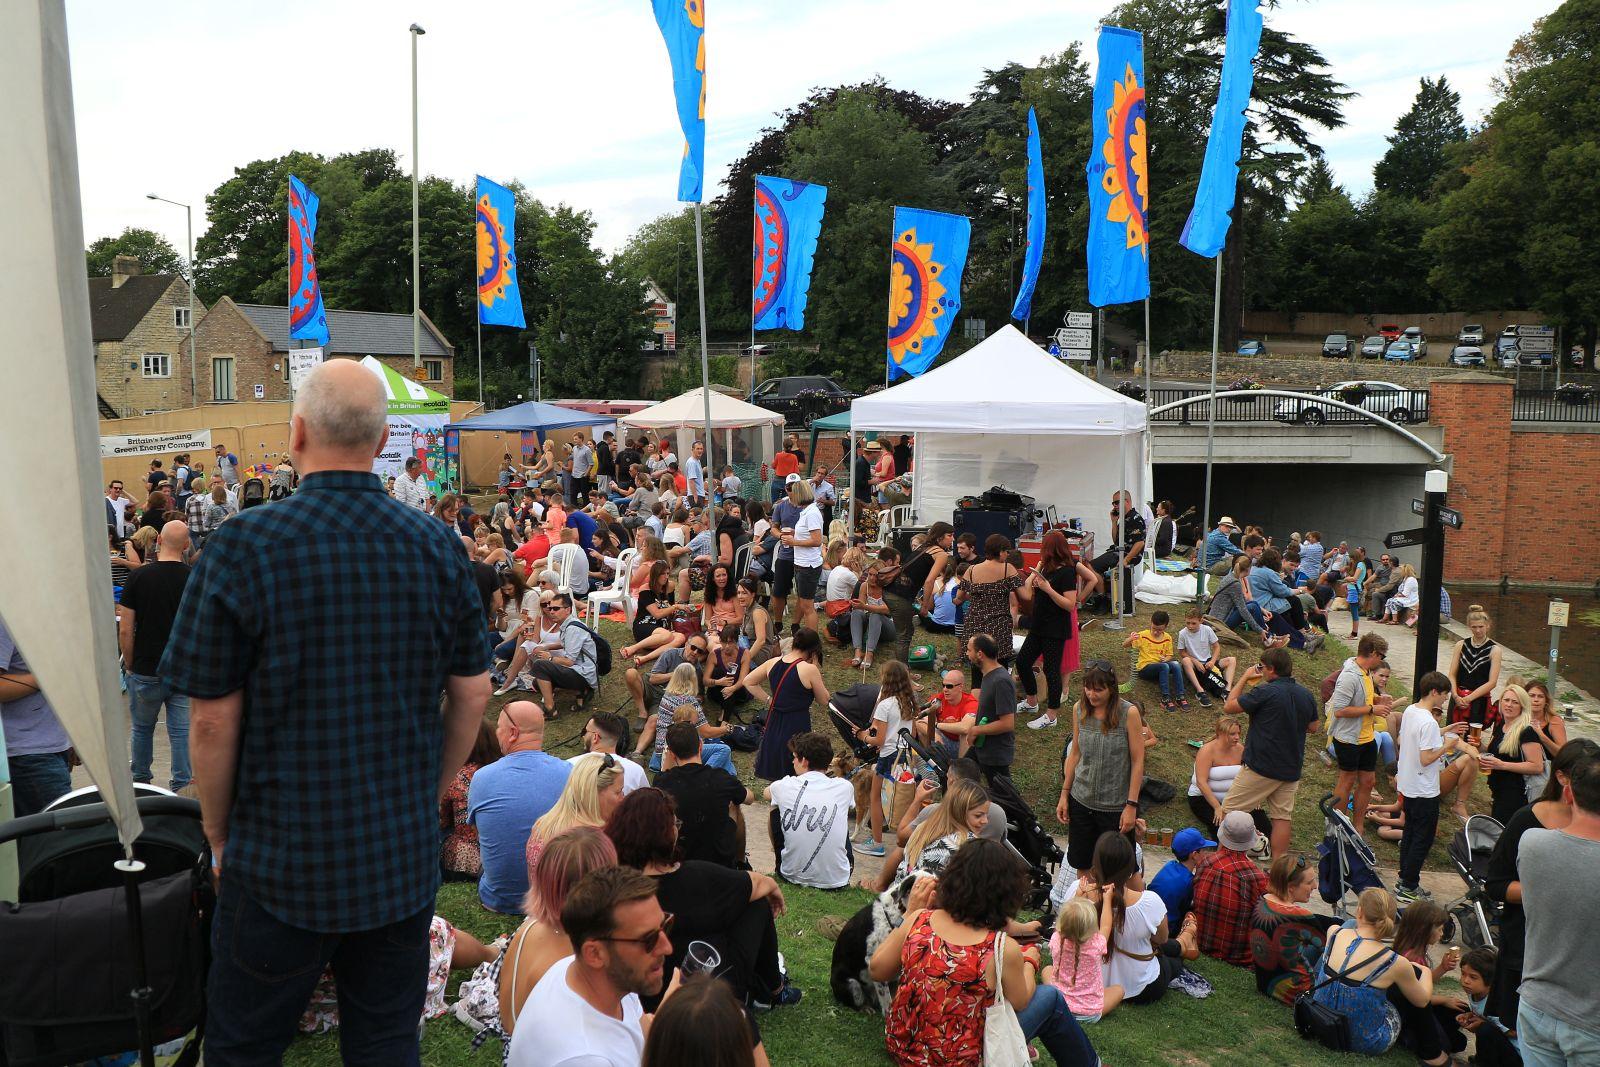 Stroud Fringe Festival